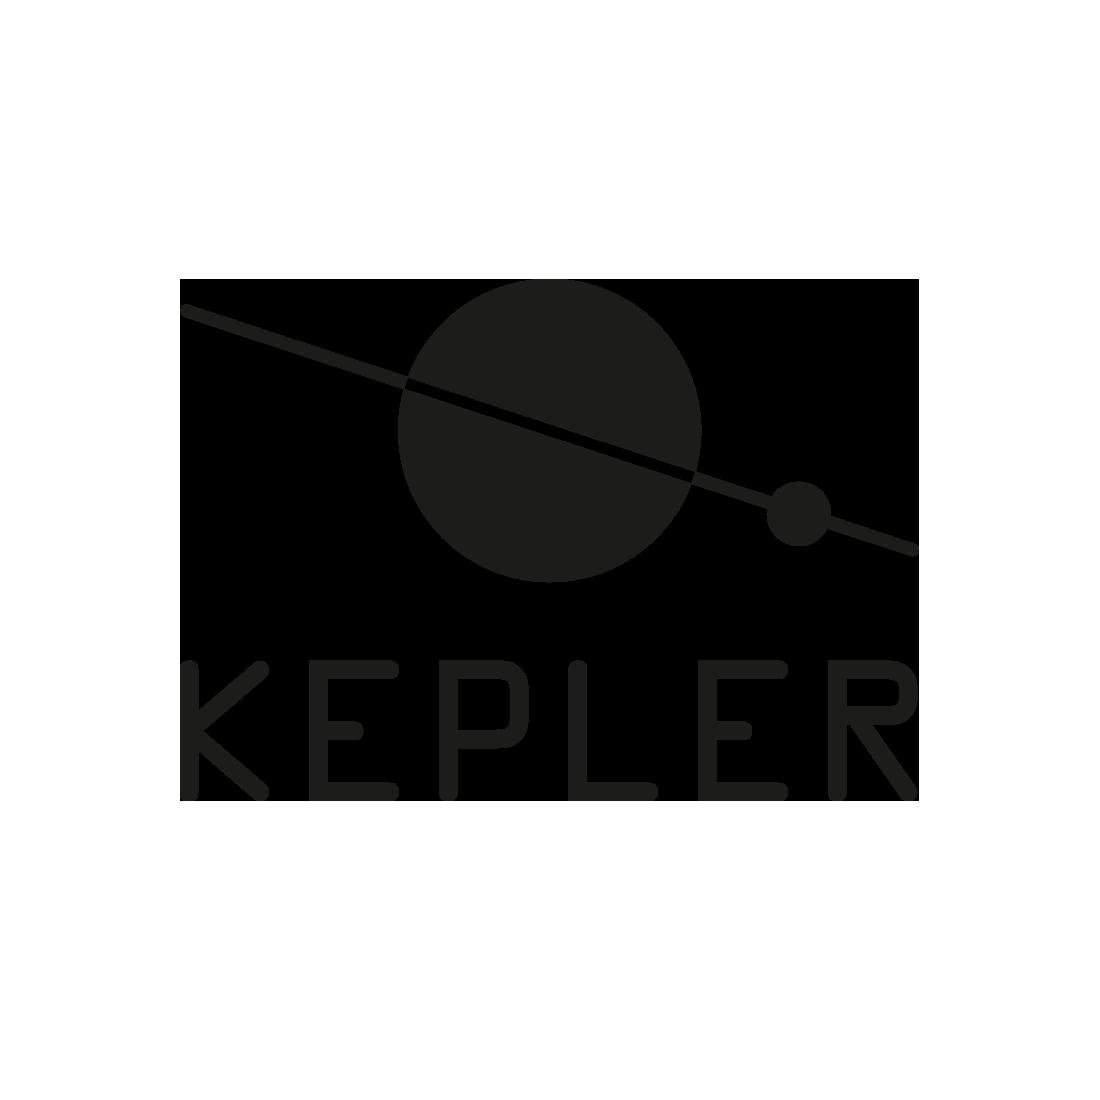 Kepler Studio